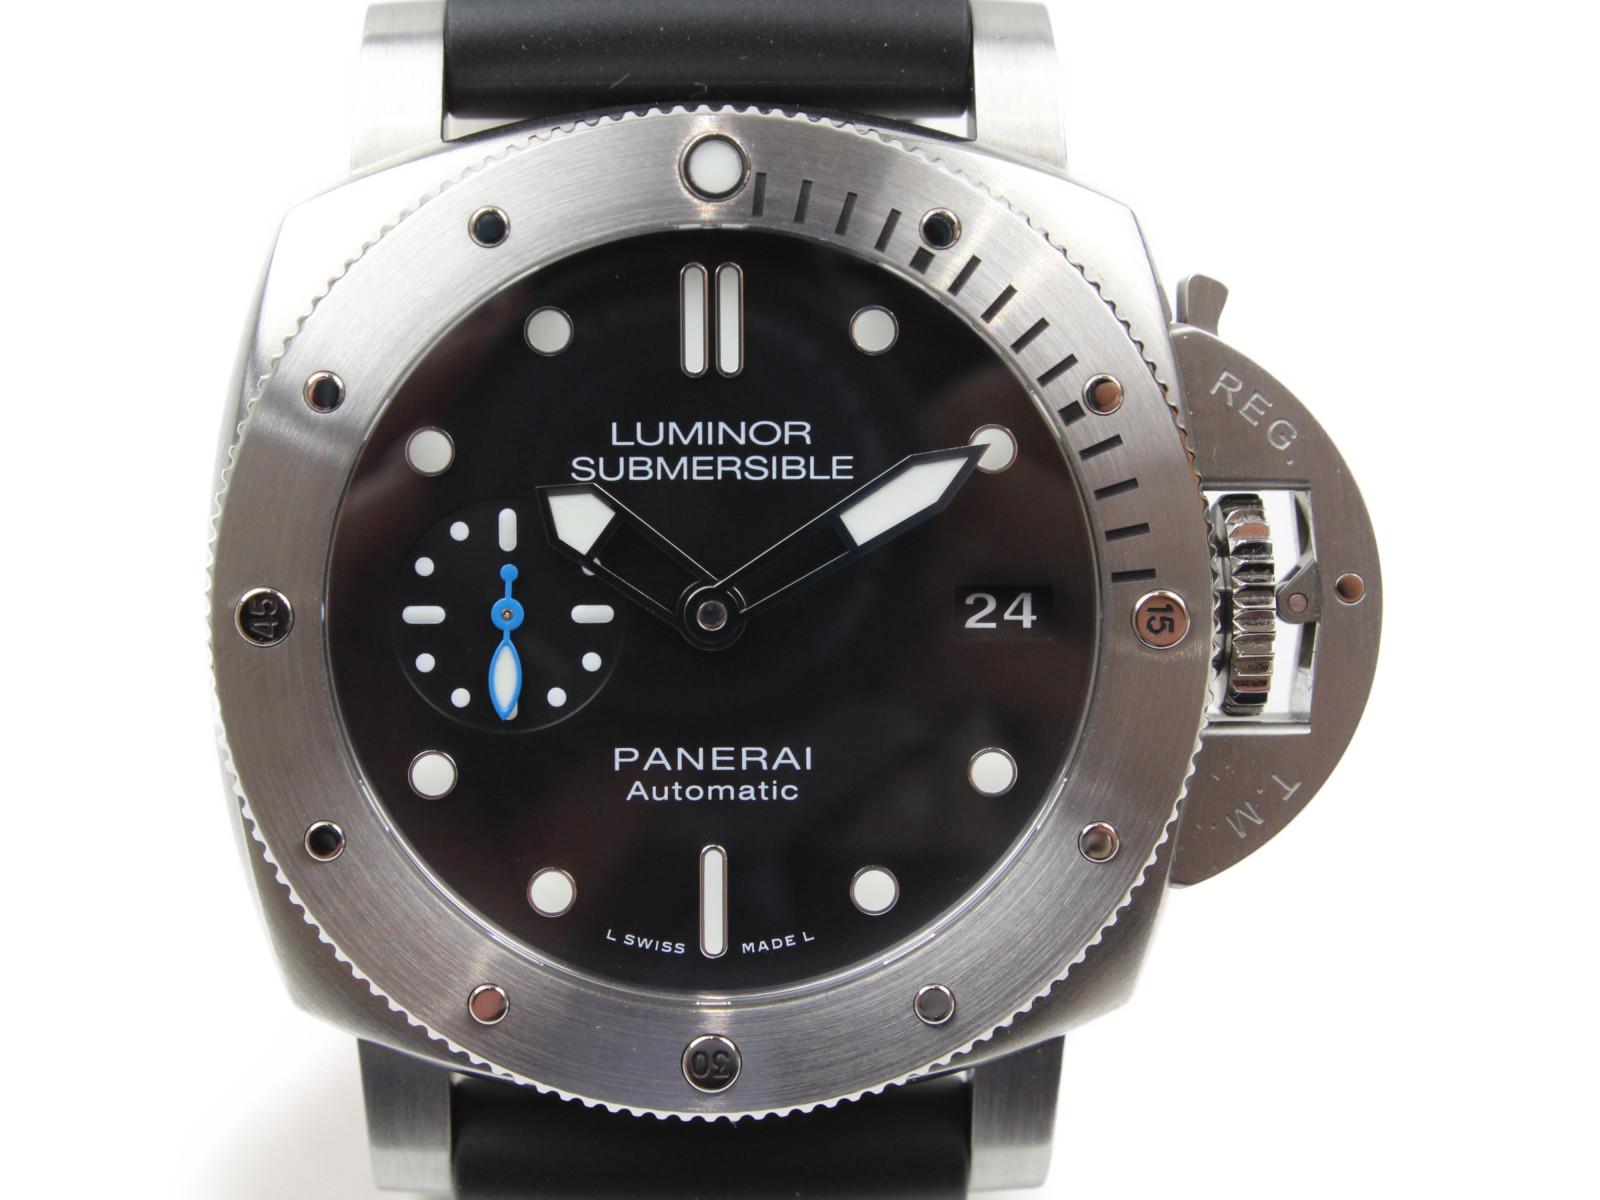 OFFICINE PANERAI オフィチーネ パネライ ルミノール 1950 サブマーシブル 3デイズ アッチャイオ PAM00682 自動巻き デイト SS ラバー ブラック メンズ 腕時計【中古】